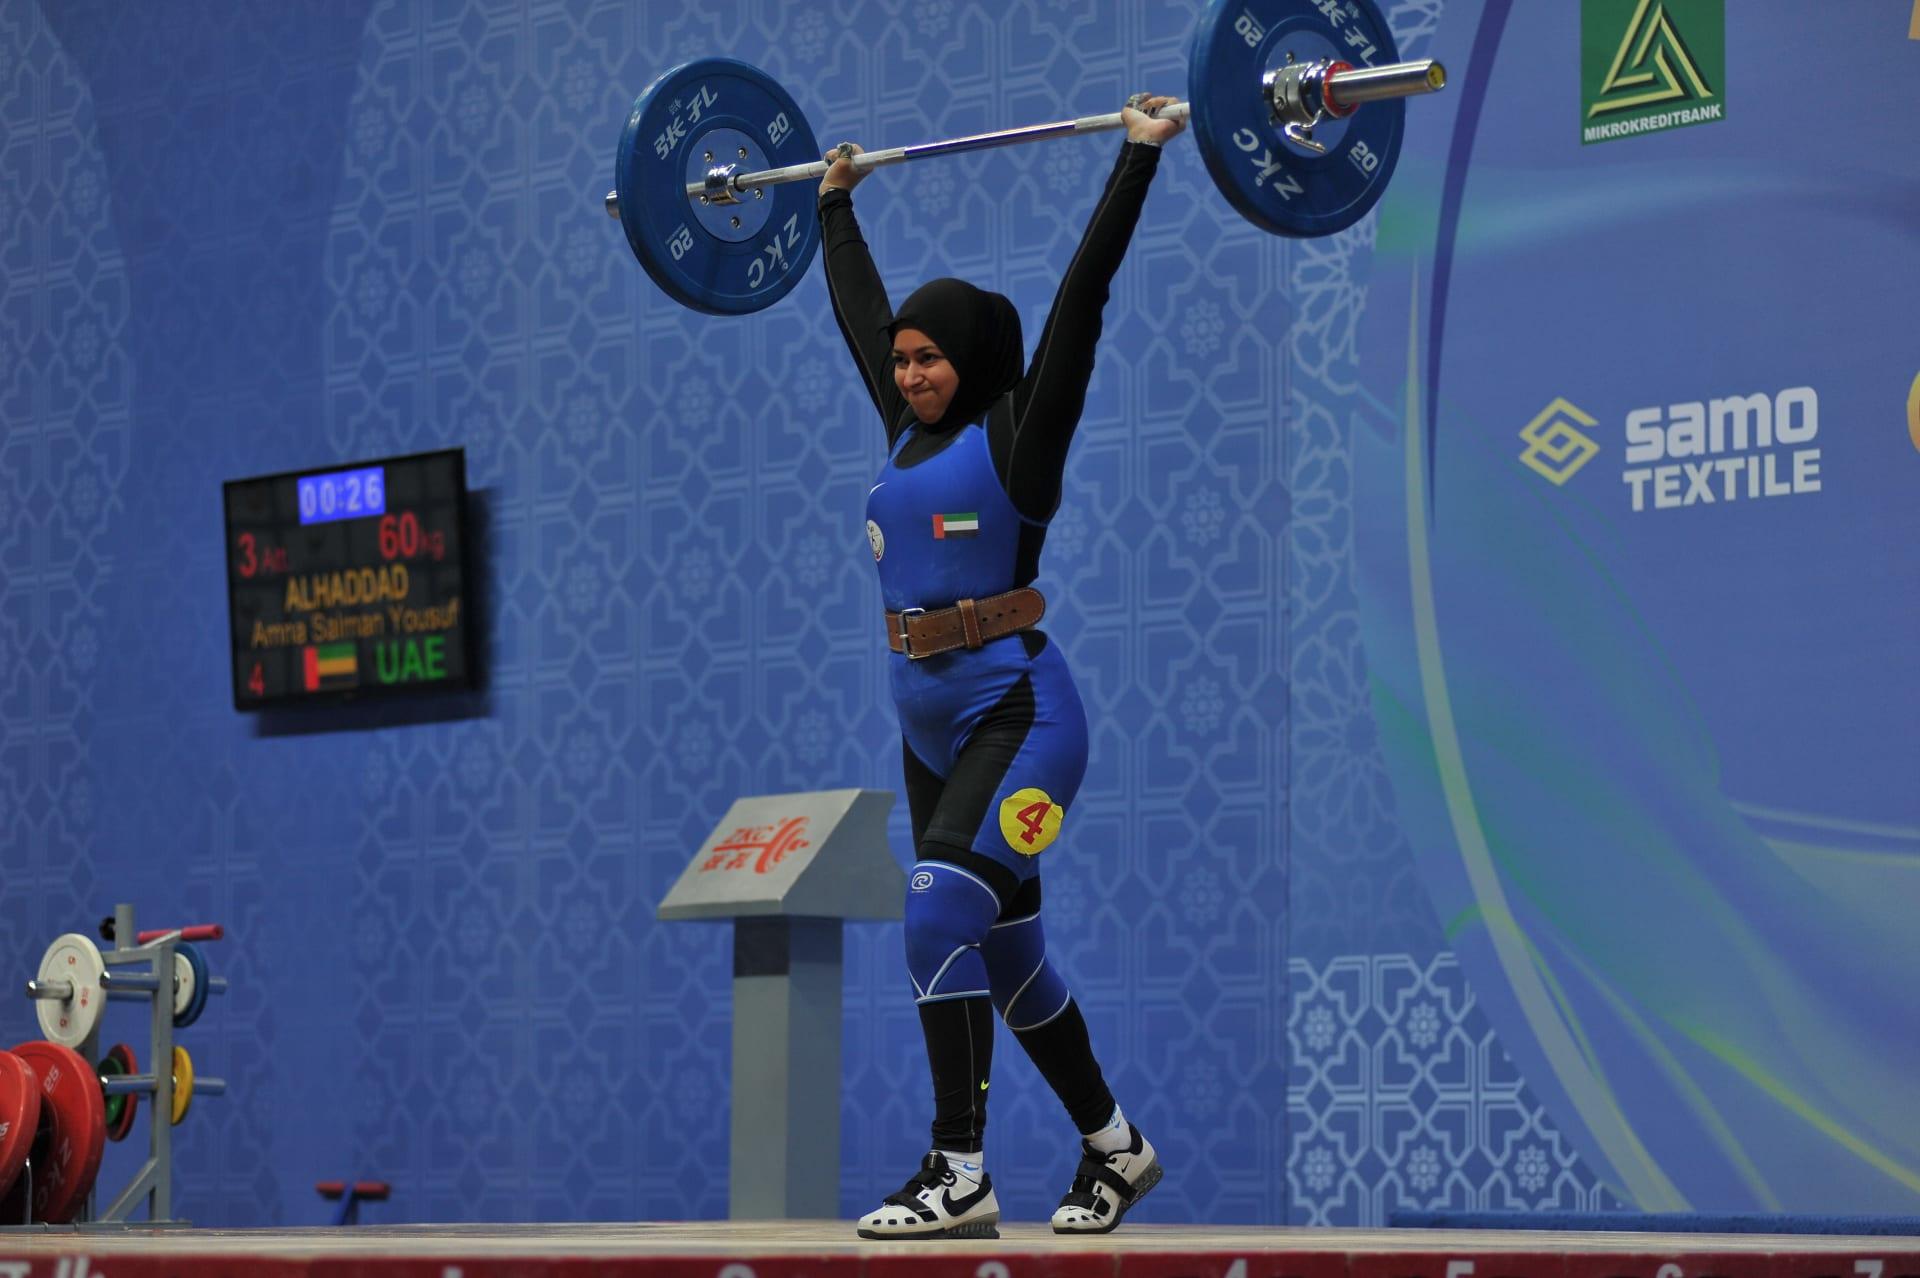 أنقذت الرياضة حياتها.. تعرف إلى رافعة الأثقال الإماراتية آمنة الحداد